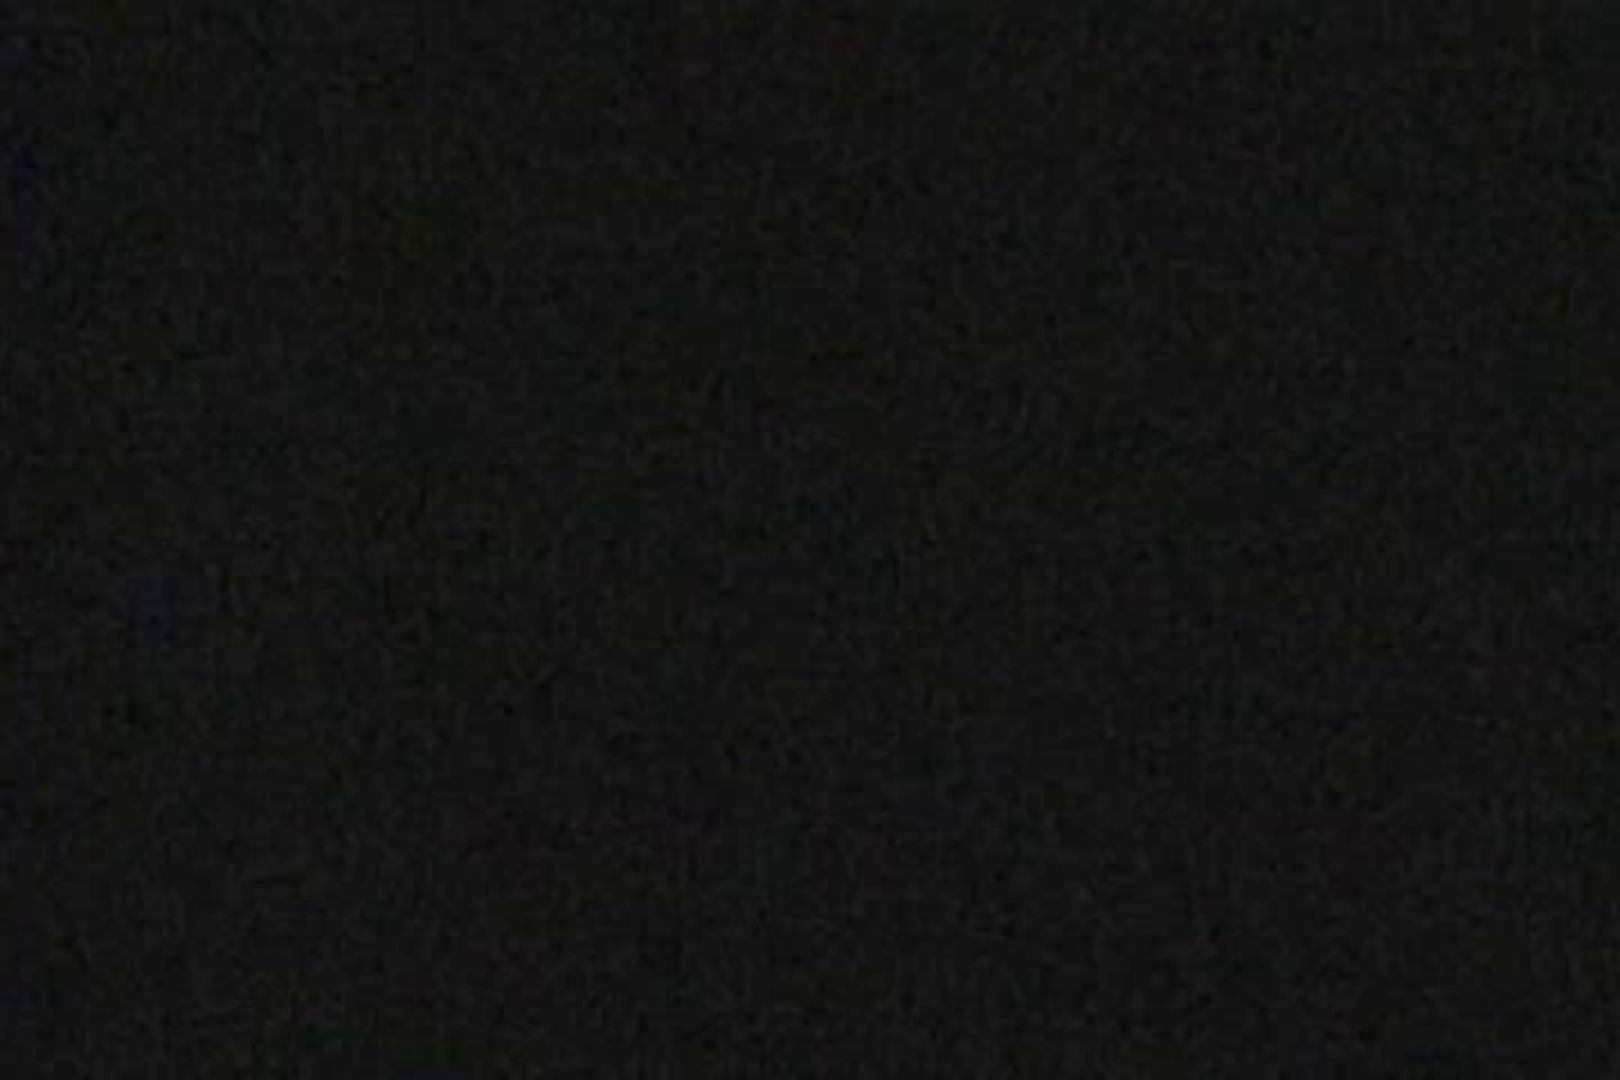 蔵出し!!赤外線カーセックスVol.21 カーセックス おめこ無修正画像 86pic 79